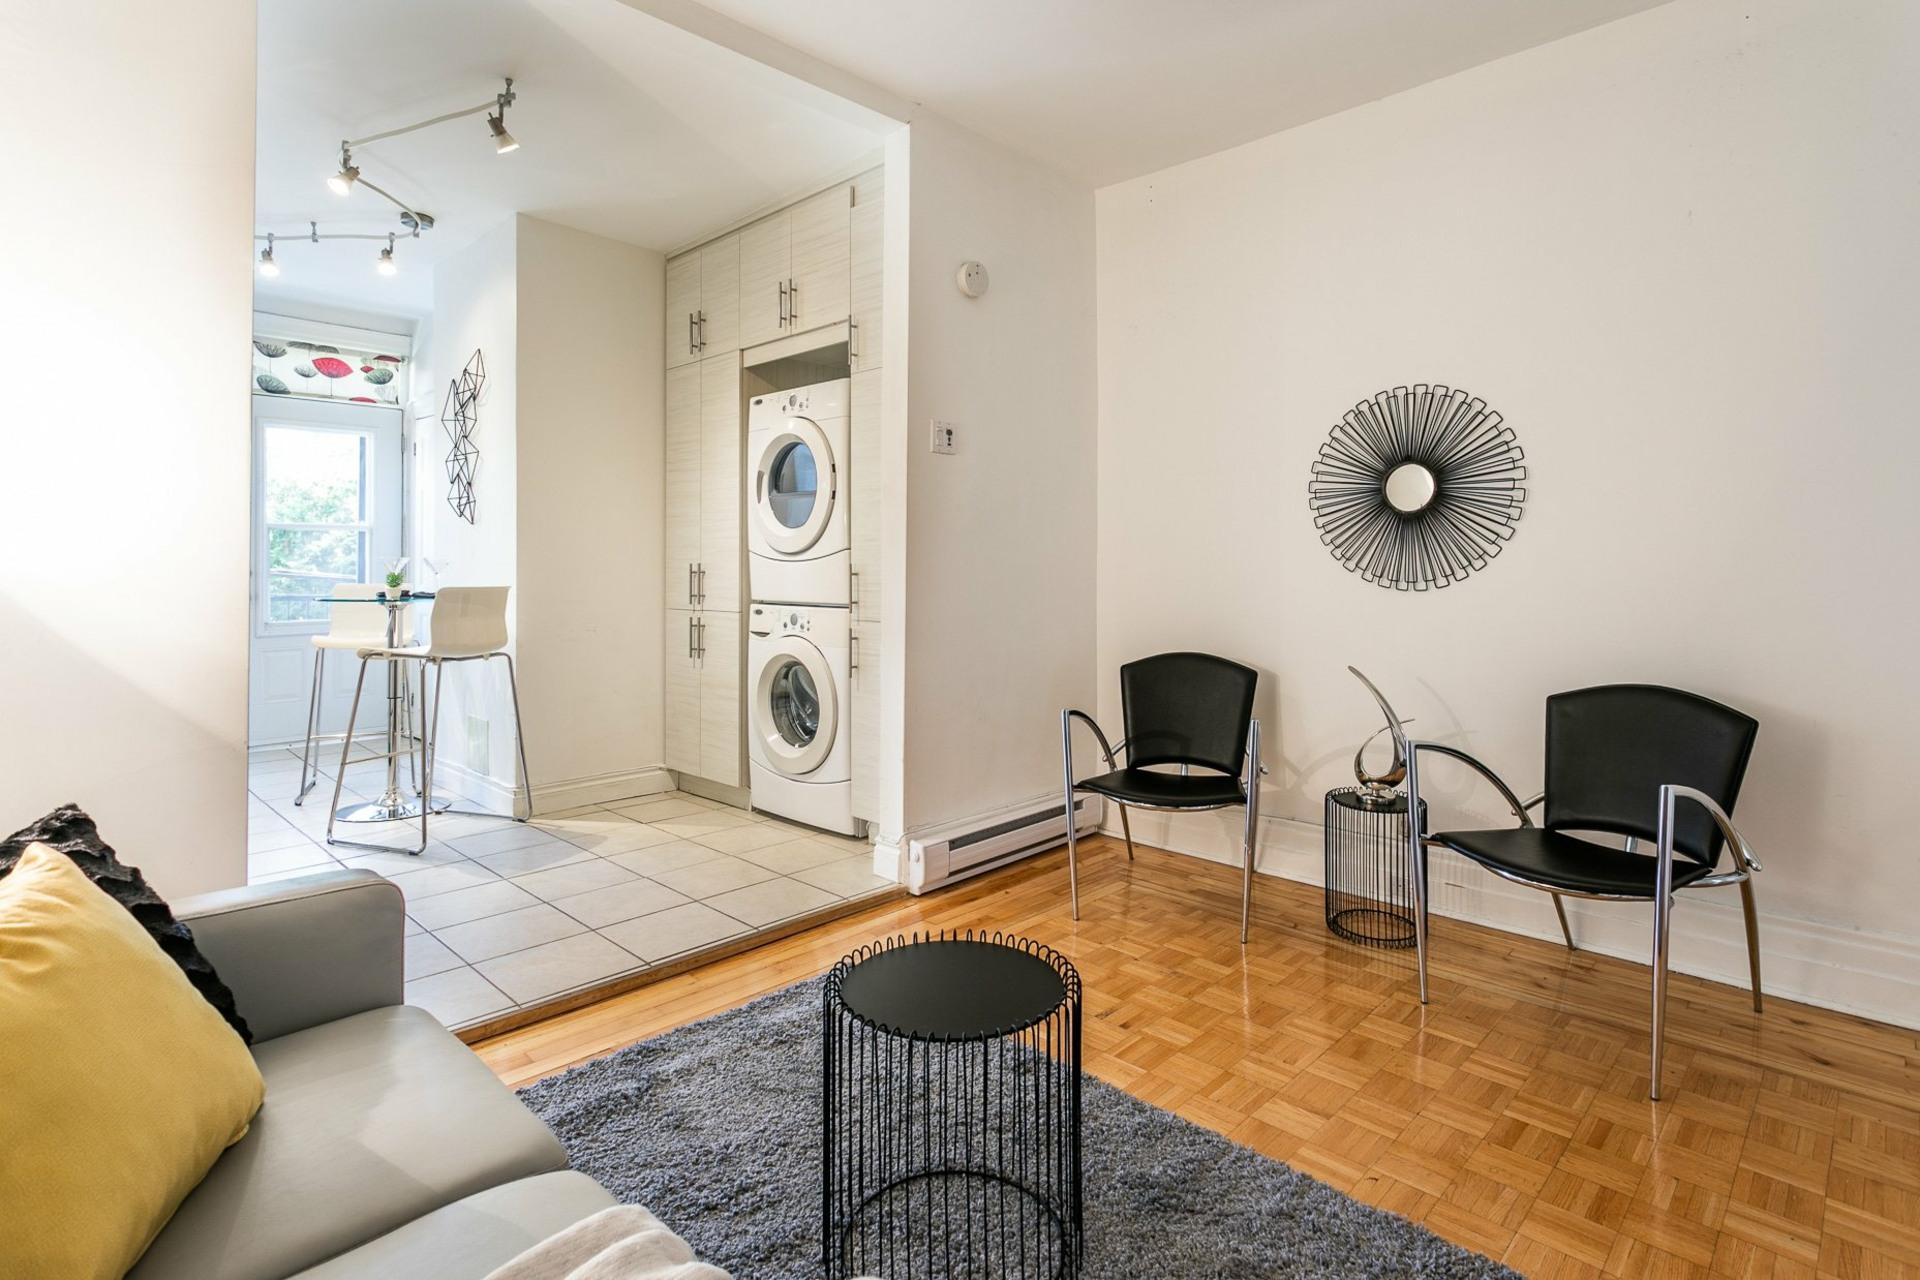 image 8 - Appartement À vendre Le Plateau-Mont-Royal Montréal  - 4 pièces